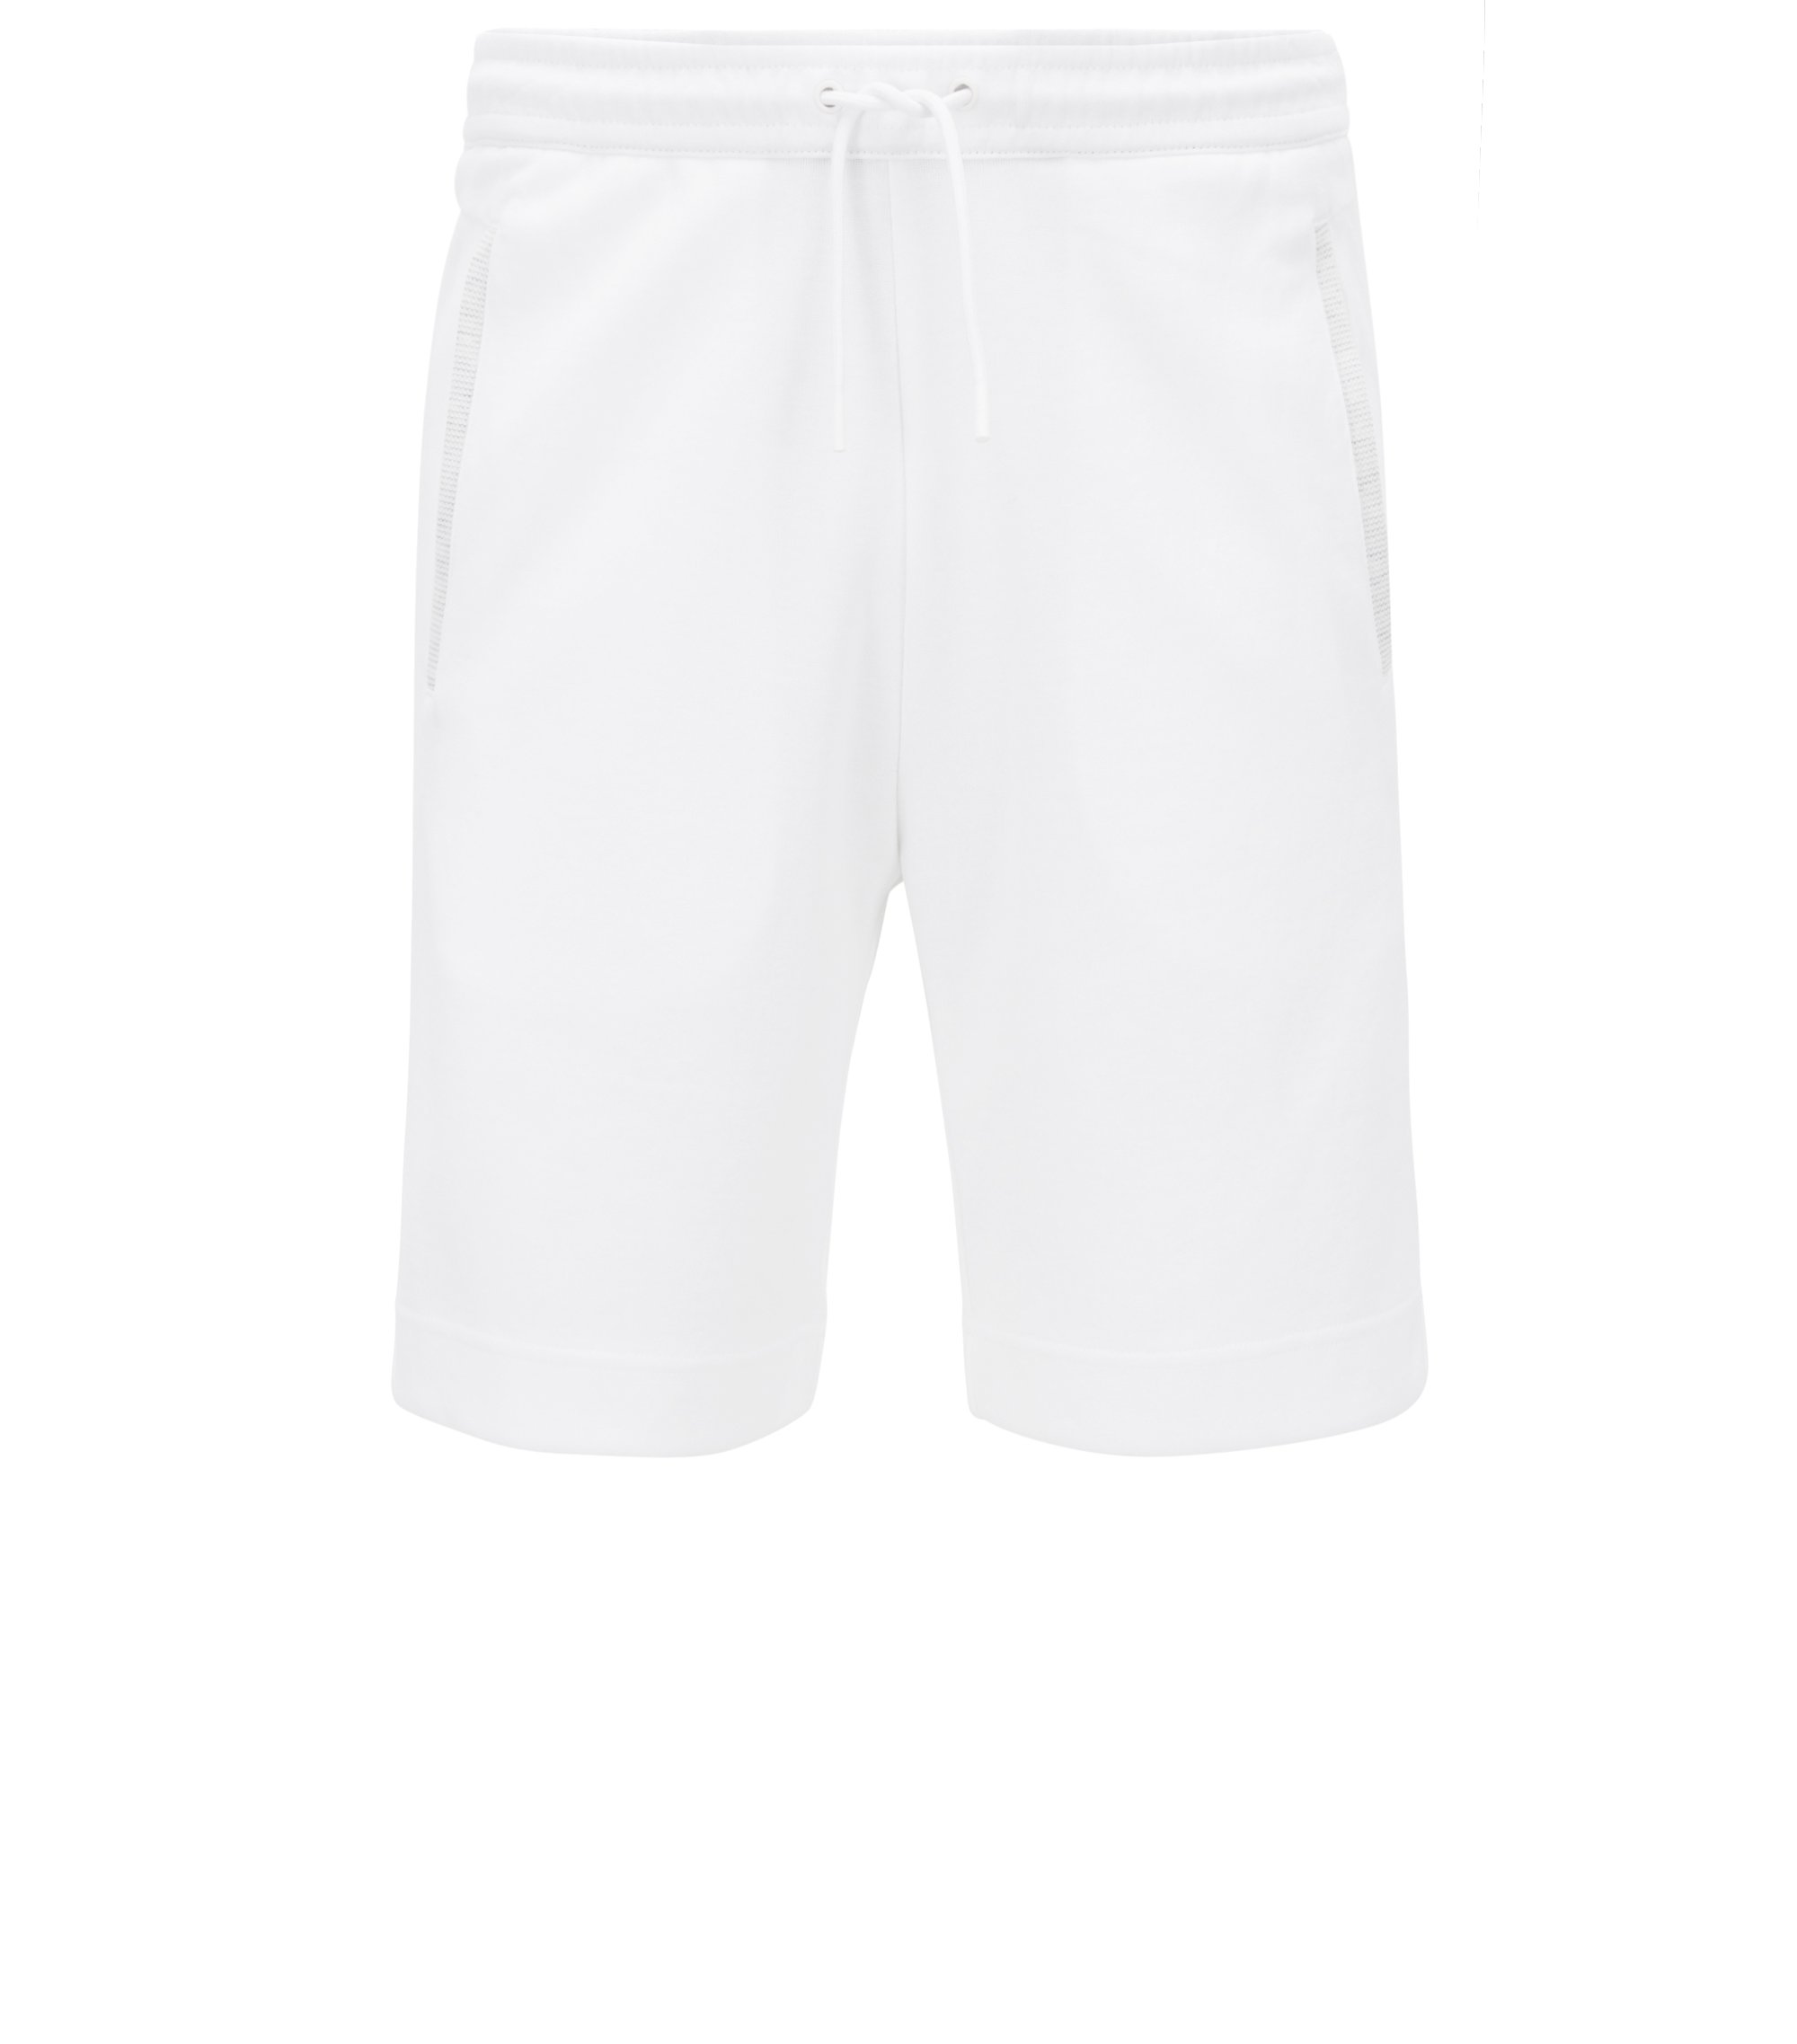 Short de jogging en coton mélangé, Blanc